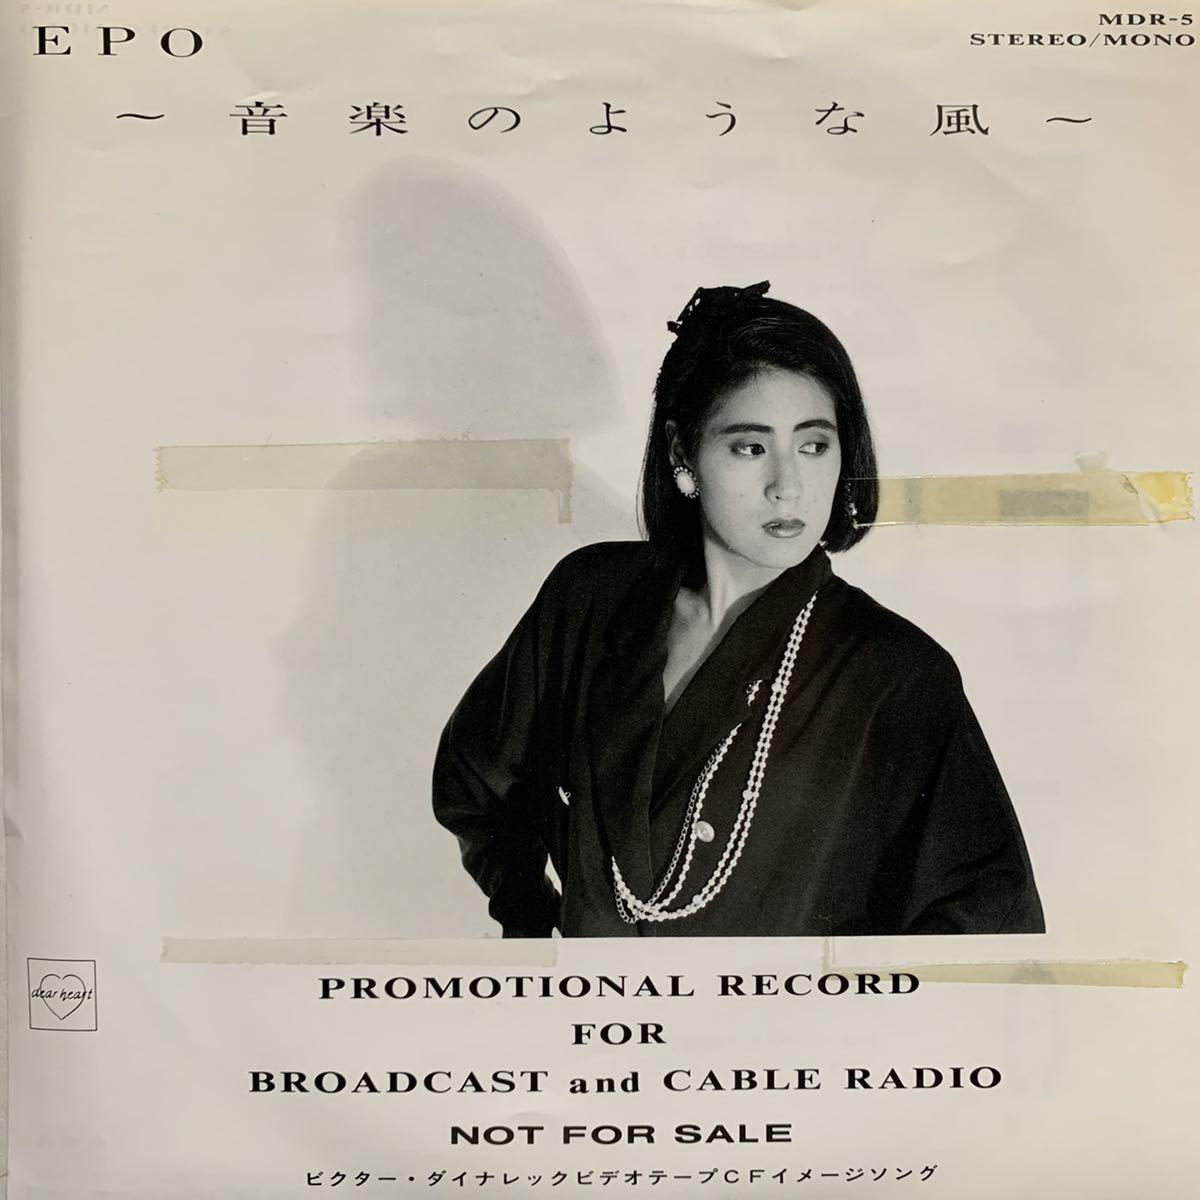 【EP】【7インチレコード】激レア 85年 非売品 見本盤 プロモオンリー EPO エポ / 音楽のような風 和モノ 極上 アーバンブギー_画像1